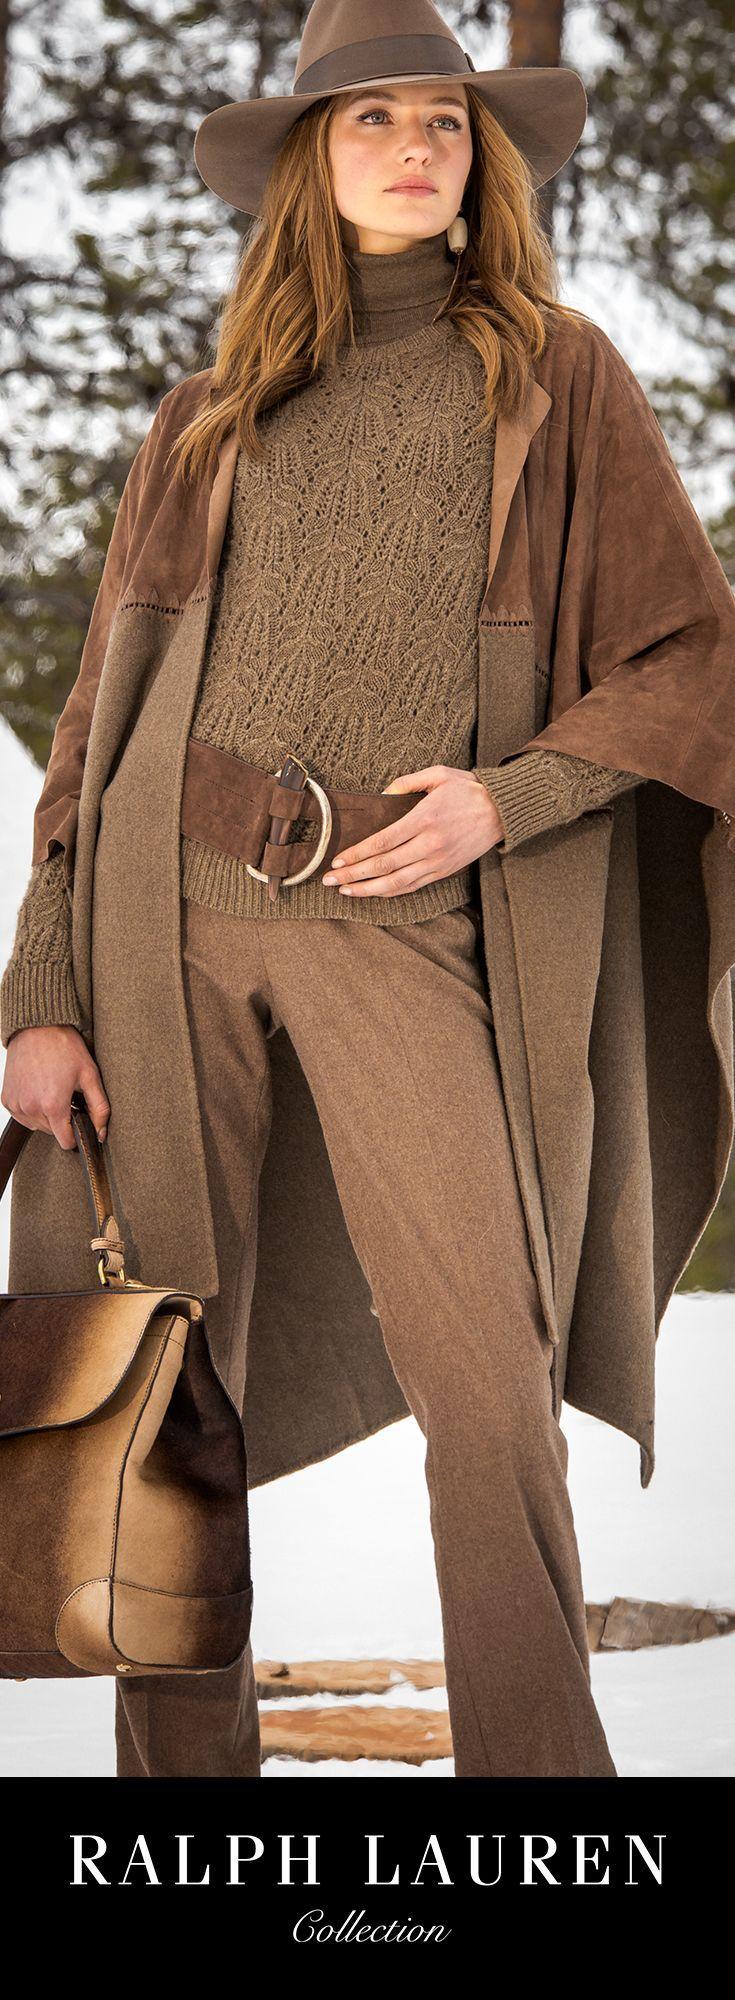 Ralph Lauren Automne 2015 : un pan supérieur en daim et un pan inférieur en mélange de laine et cachemire, assemblés par des piqûres raffinées en soie, confèrent à cette cape Fillmore une élégance rustique. Portez-la ouverte sur un ensemble pantalon et pull pour un drapé luxueux.